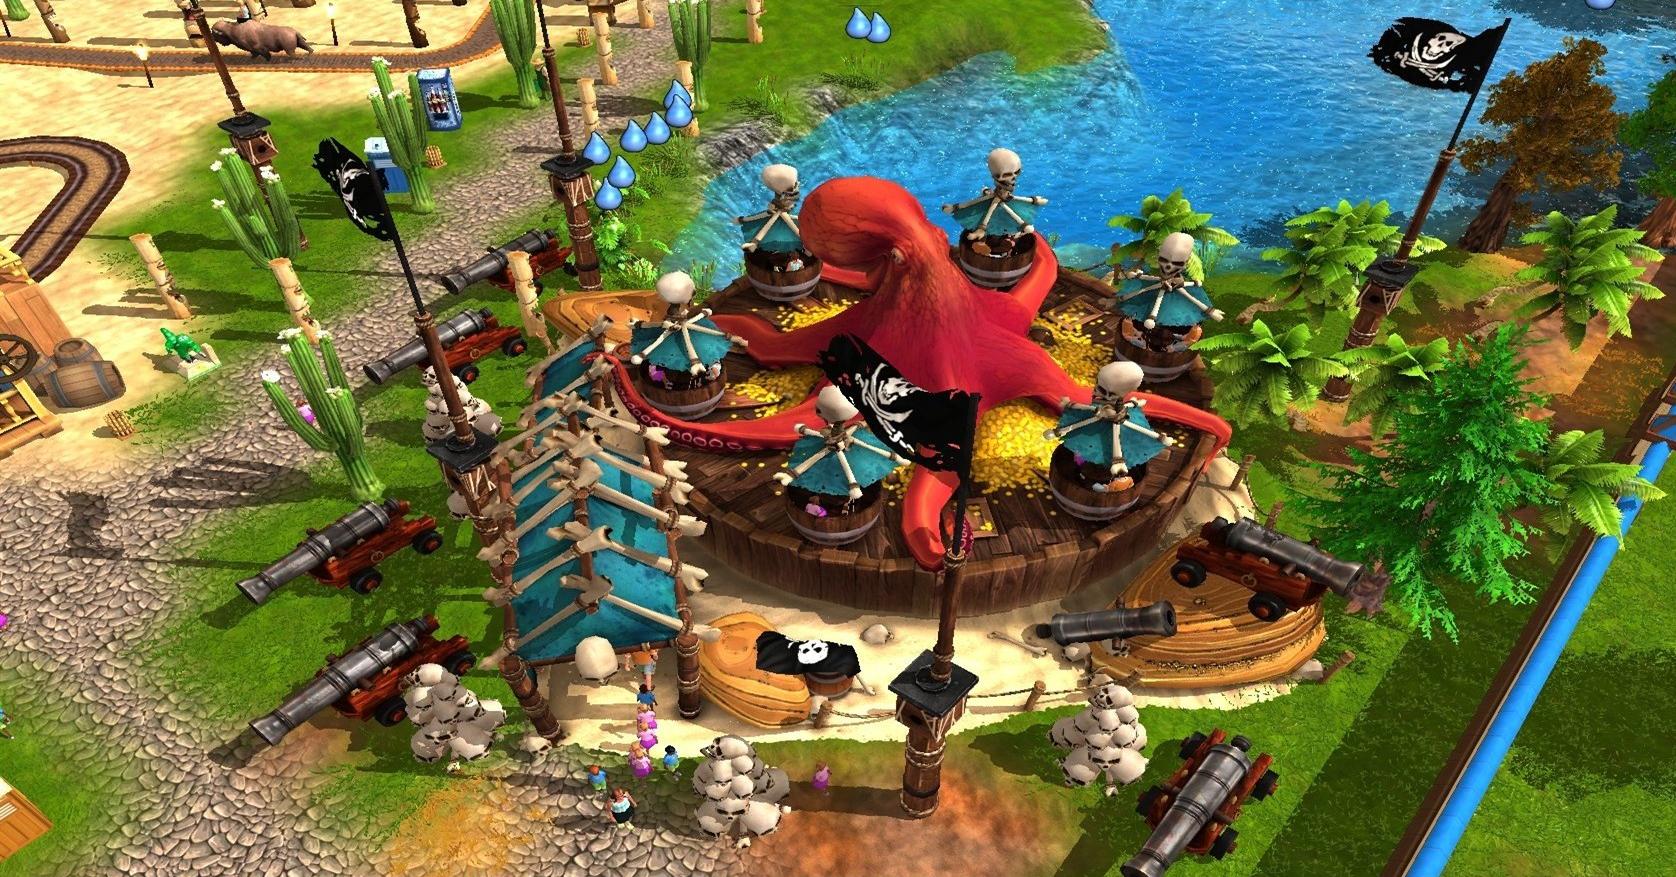 Adventure-Park-review-nat-games2